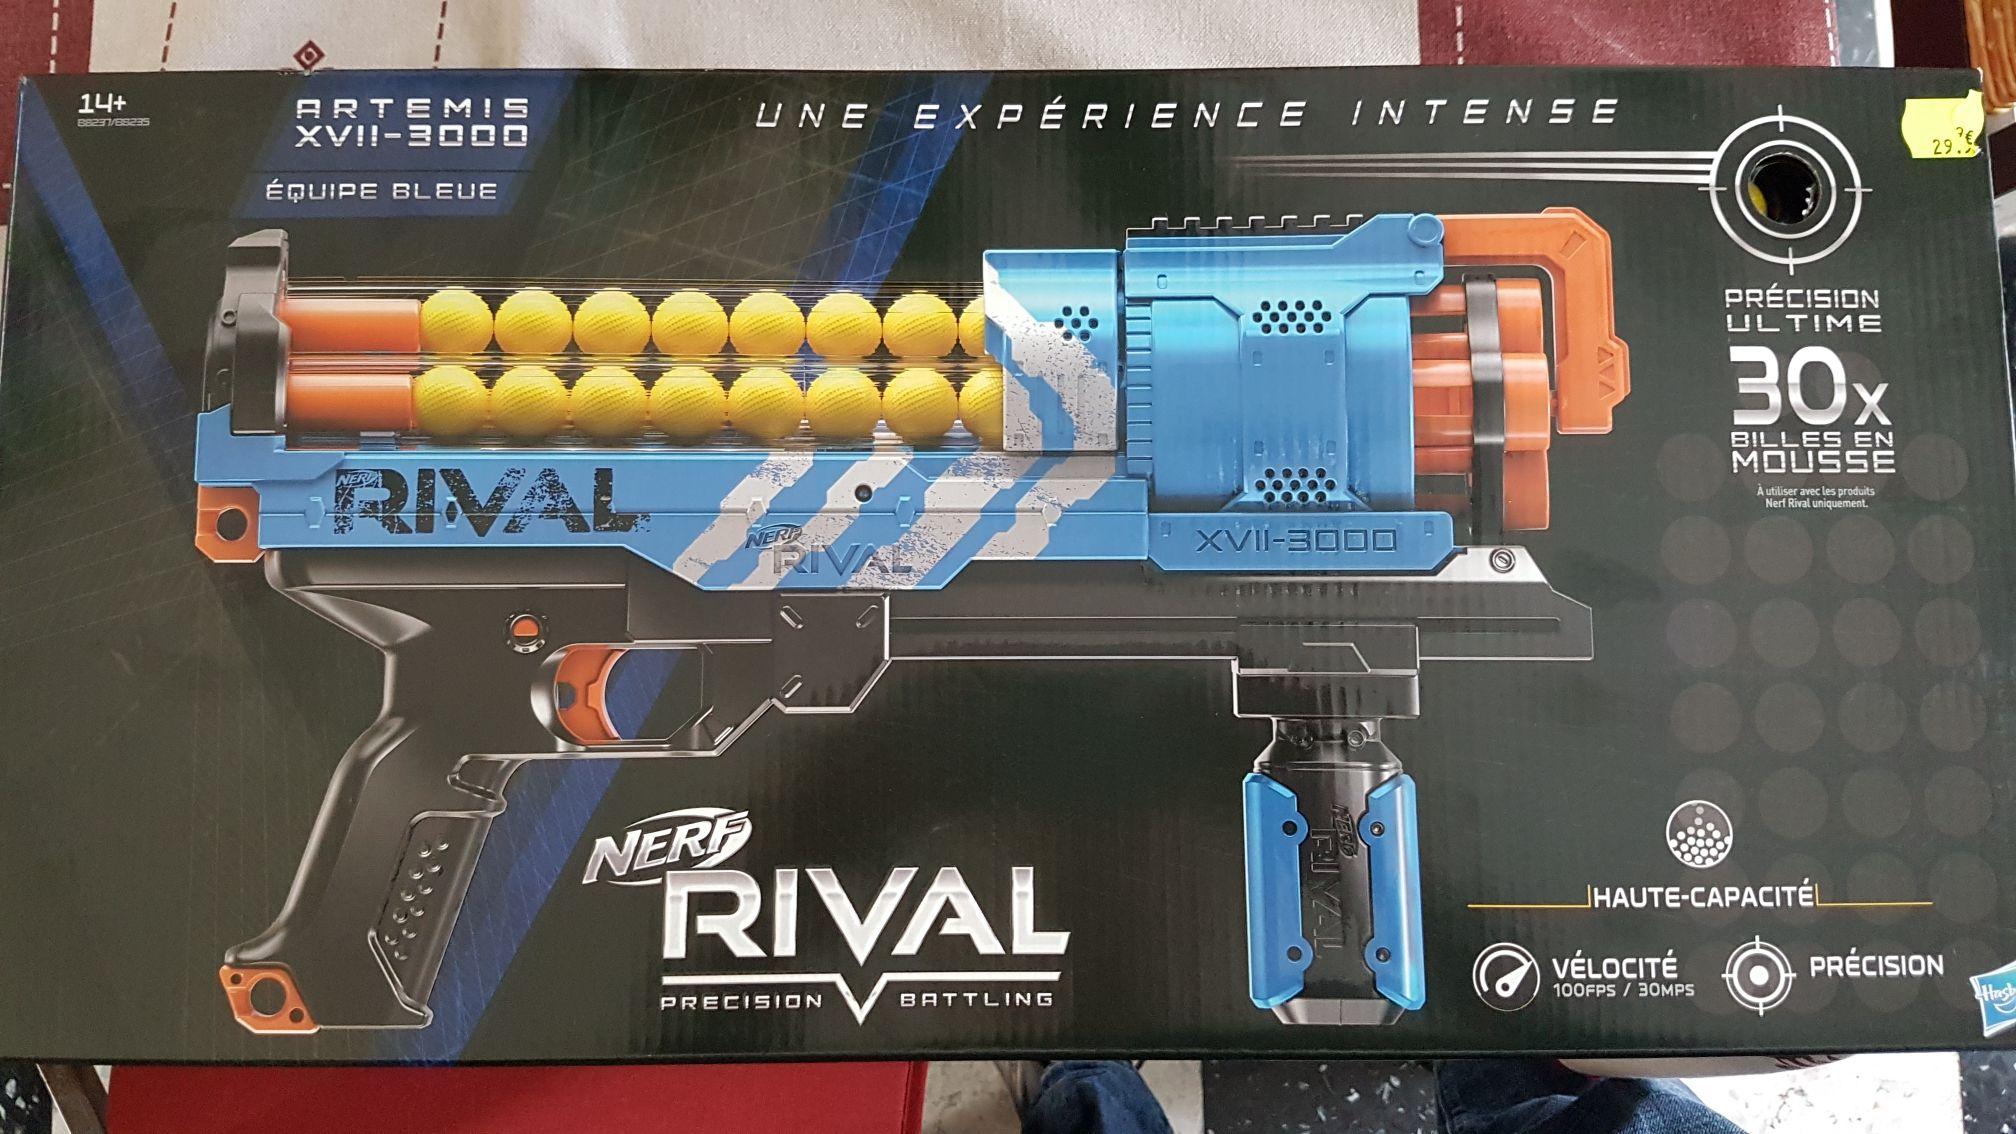 Pistolet NERF Rival Artemis - Vendin-le-Vieil (62) / Seclin (59)